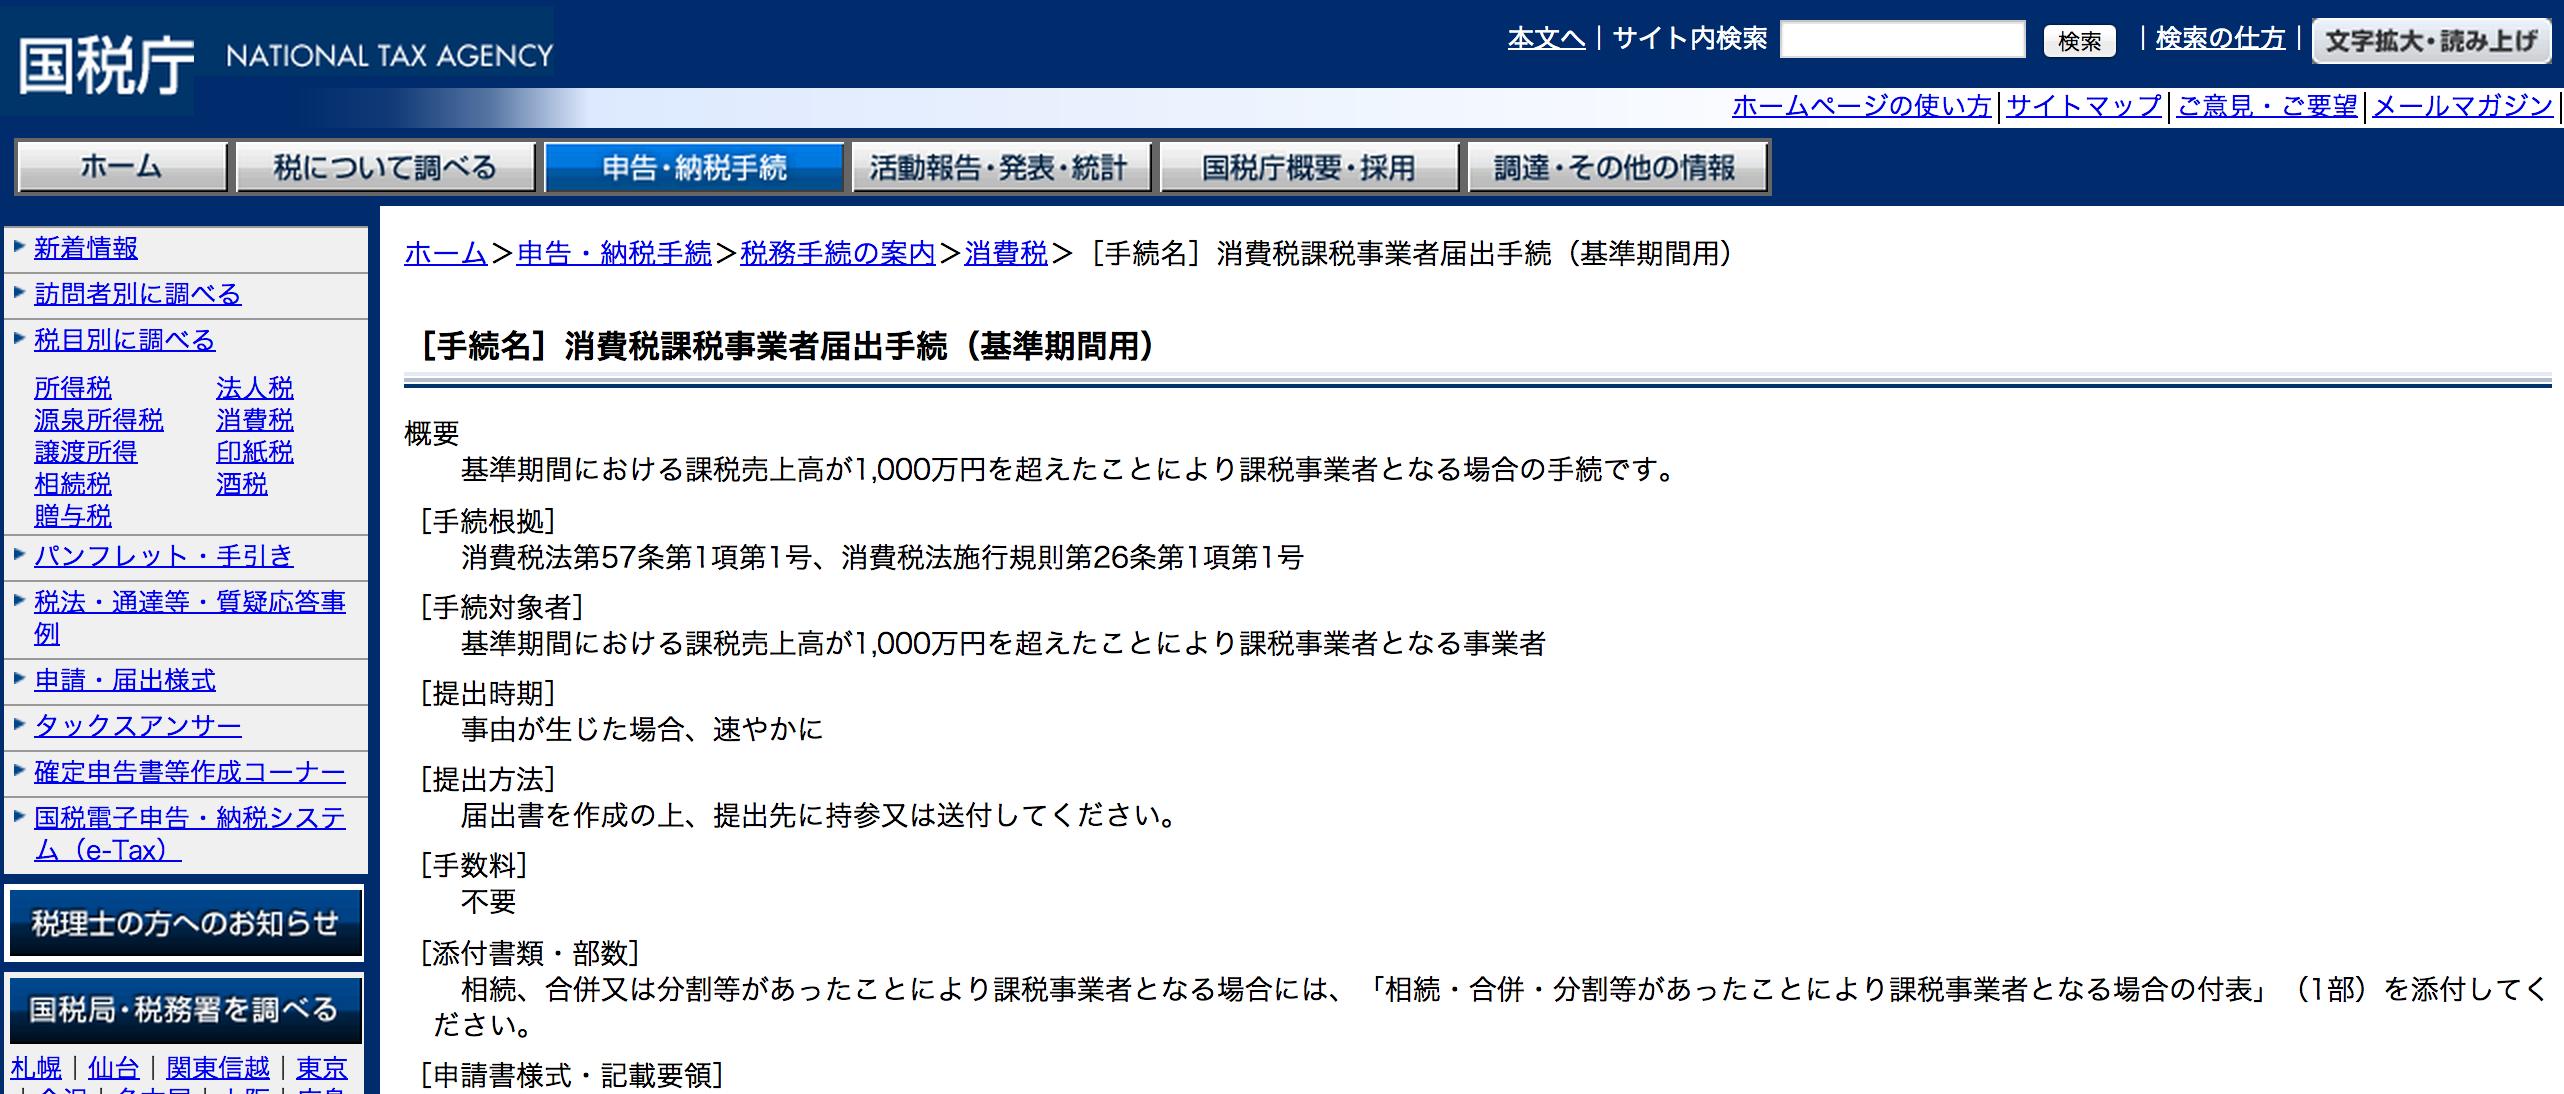 スクリーンショット 2014-08-02 19.02.33